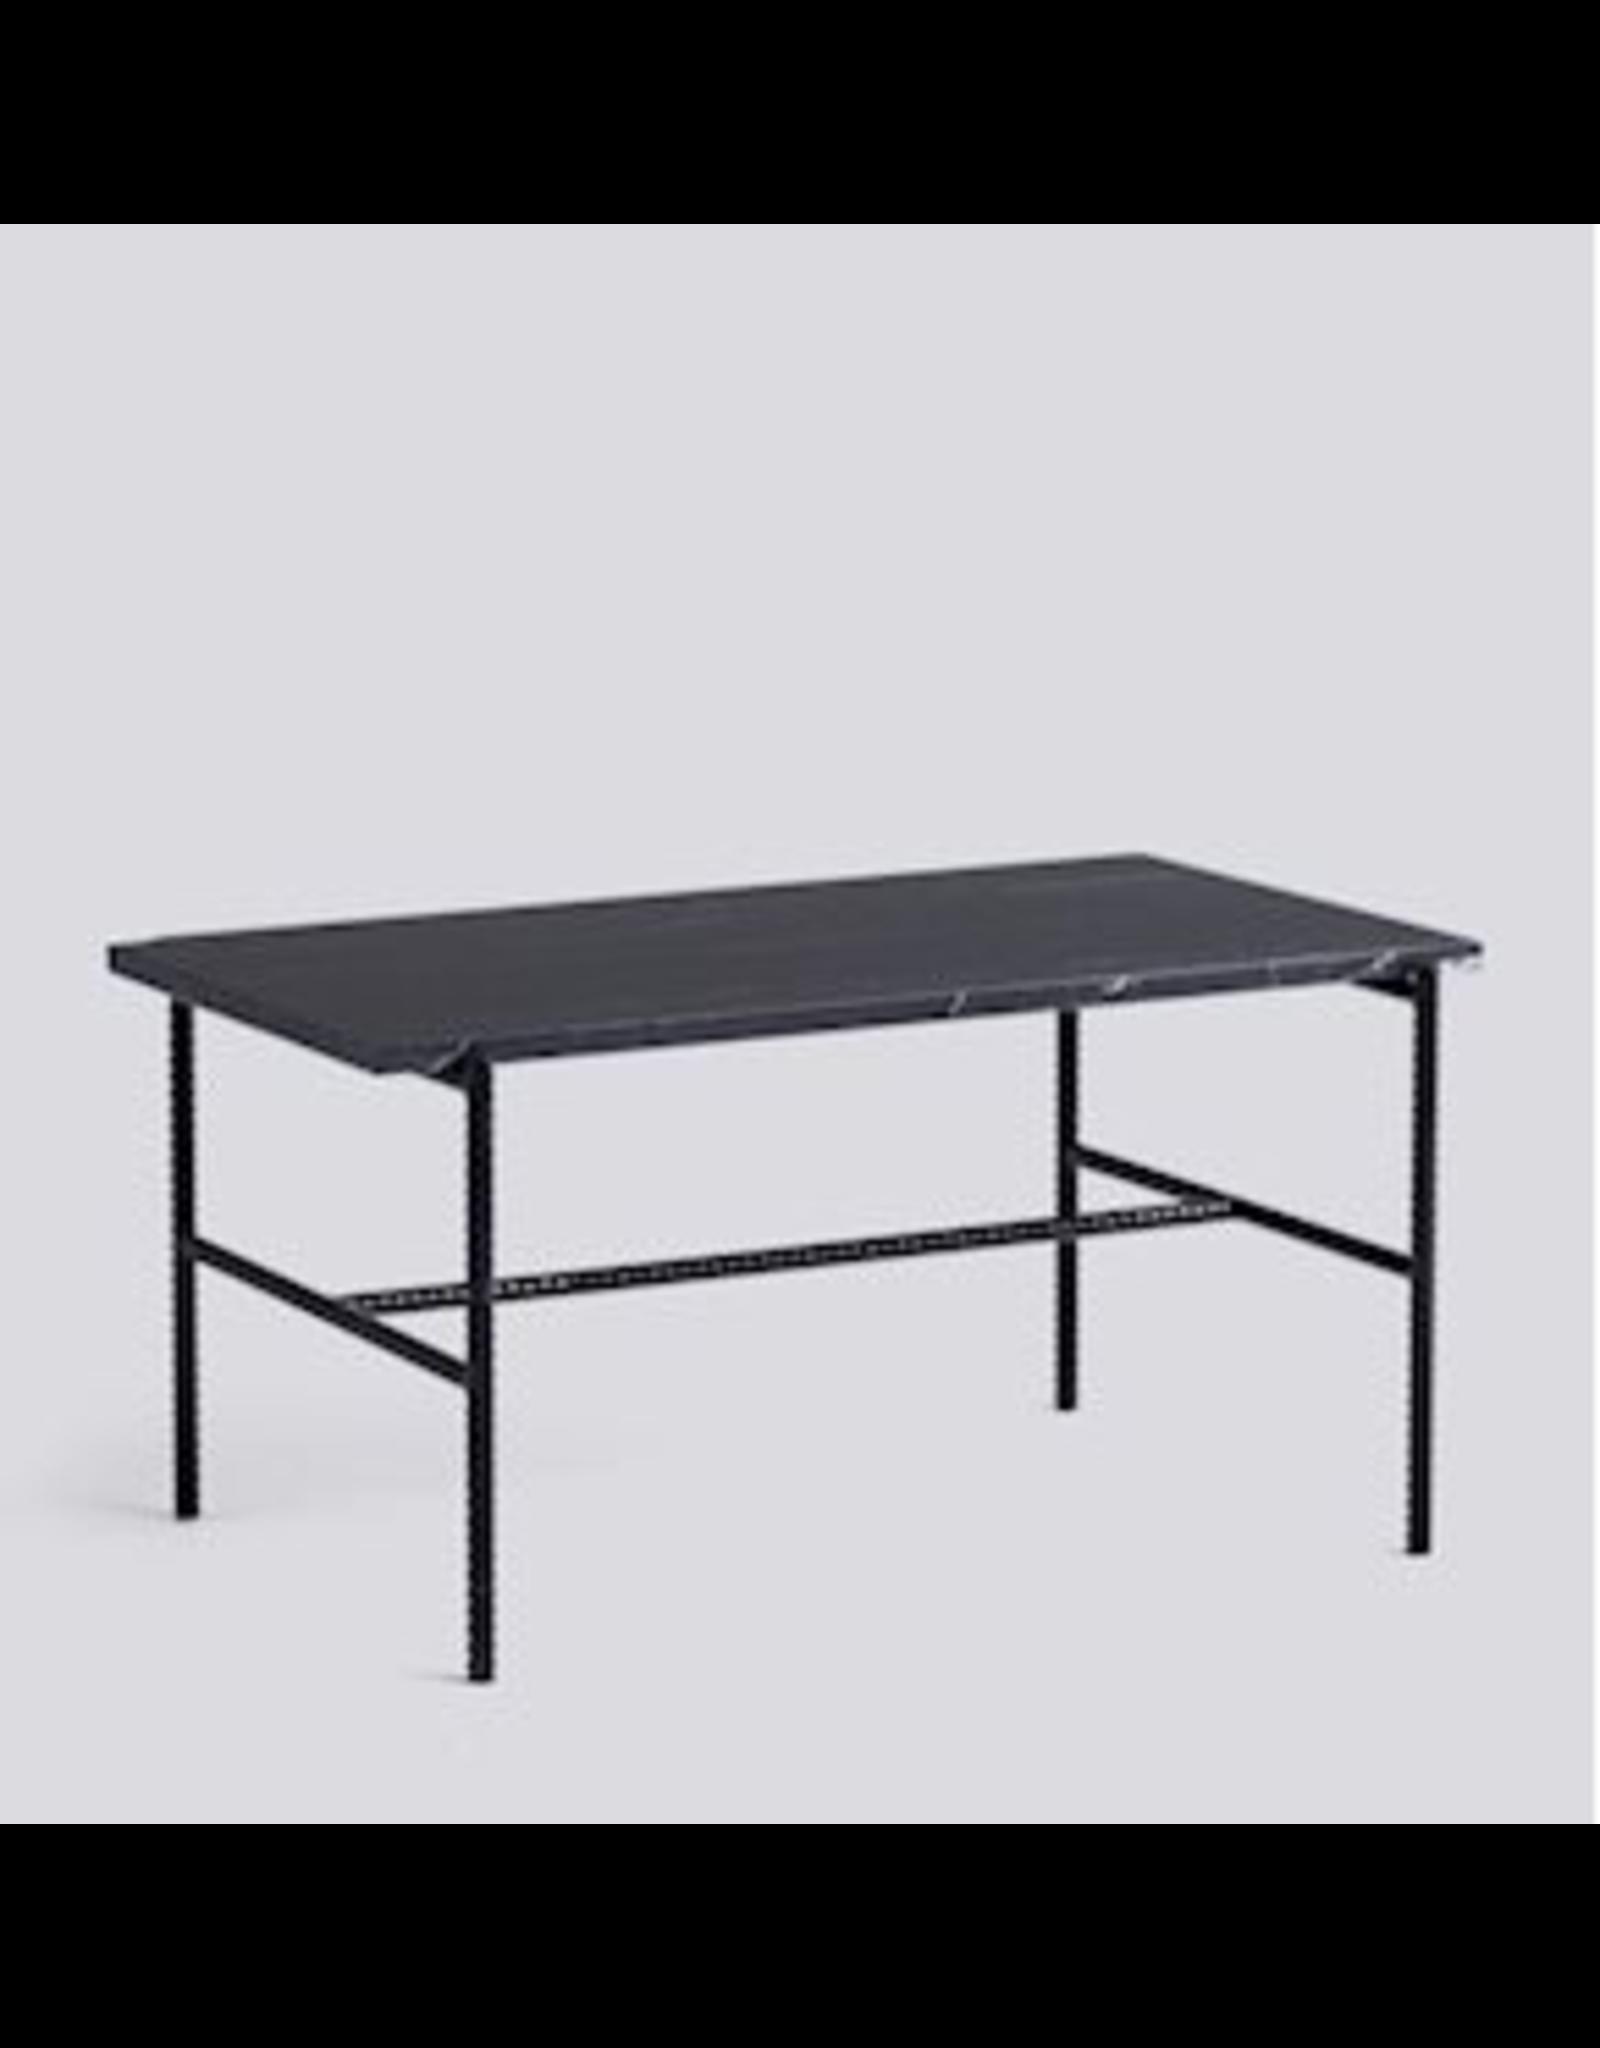 HAY TABLE À CAFÉ REBAR / ACIER REVÊTEMENT POUDRE NOIRE SOUPLE NOIR L80 X L49 X H40.5